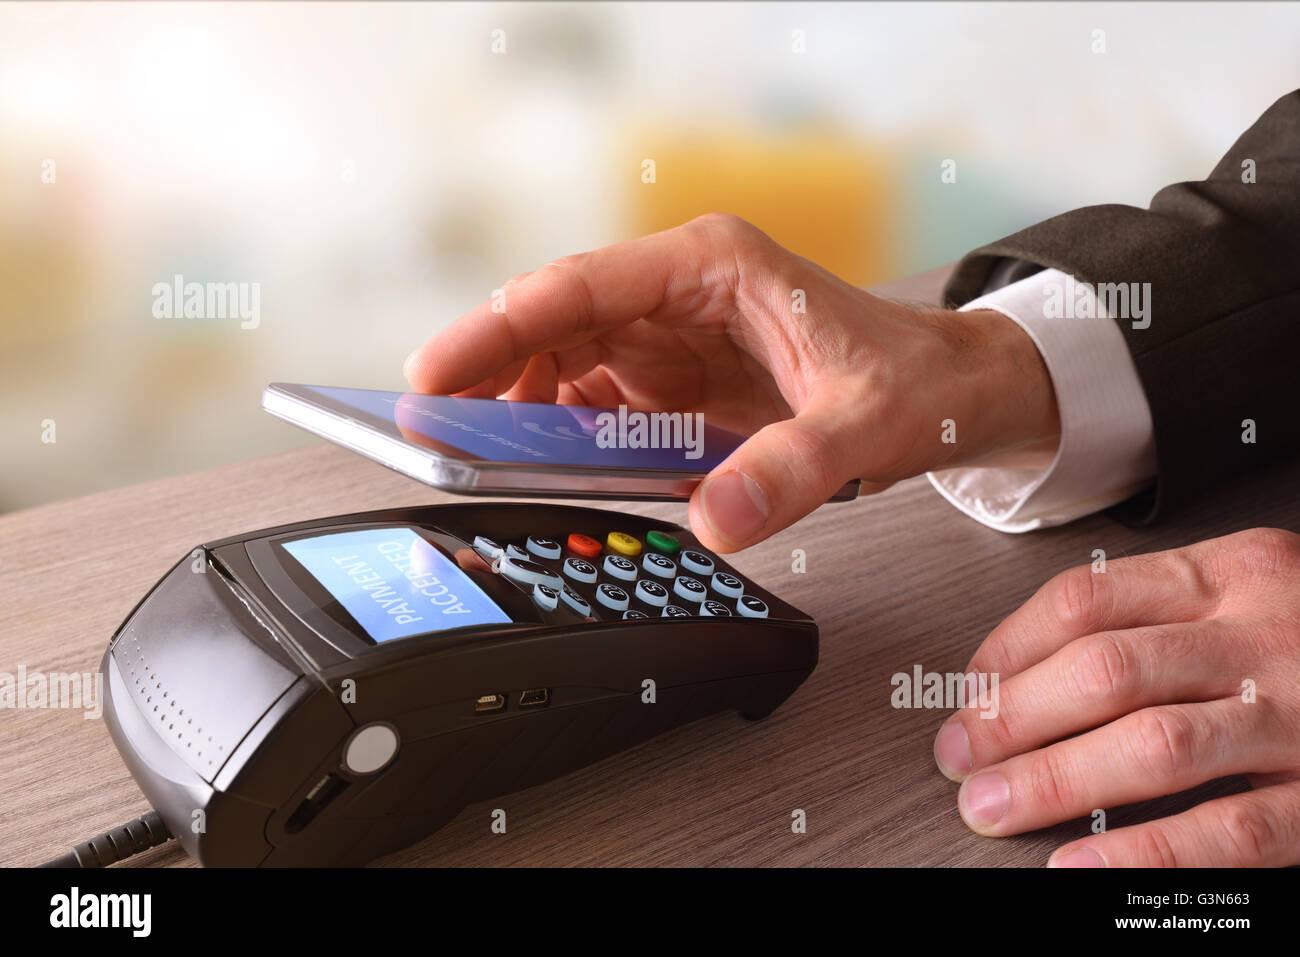 Paiement sur un échange par téléphone mobile et la technologie NFC. Vue élevée. Composition Photo Stock